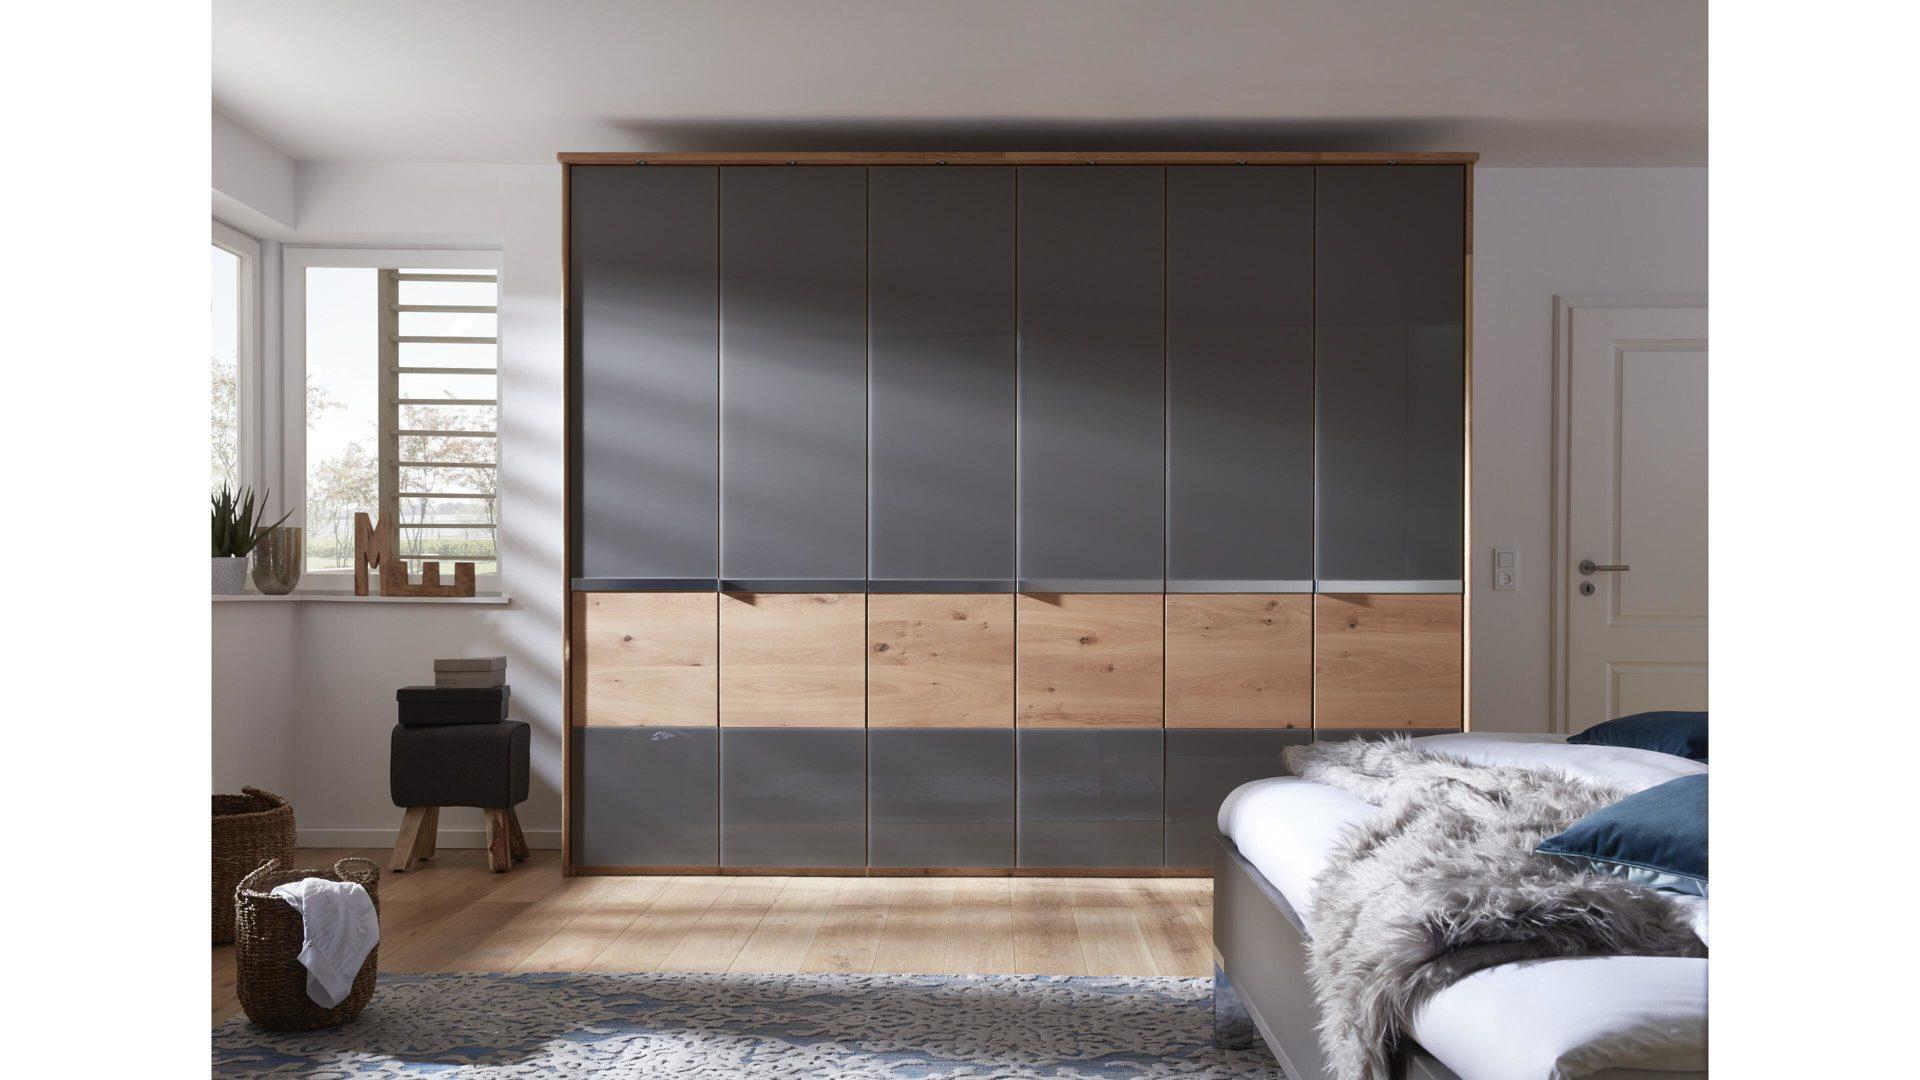 Interliving Schlafzimmer Serie 1202 – Kleiderschrank, teilmassive,